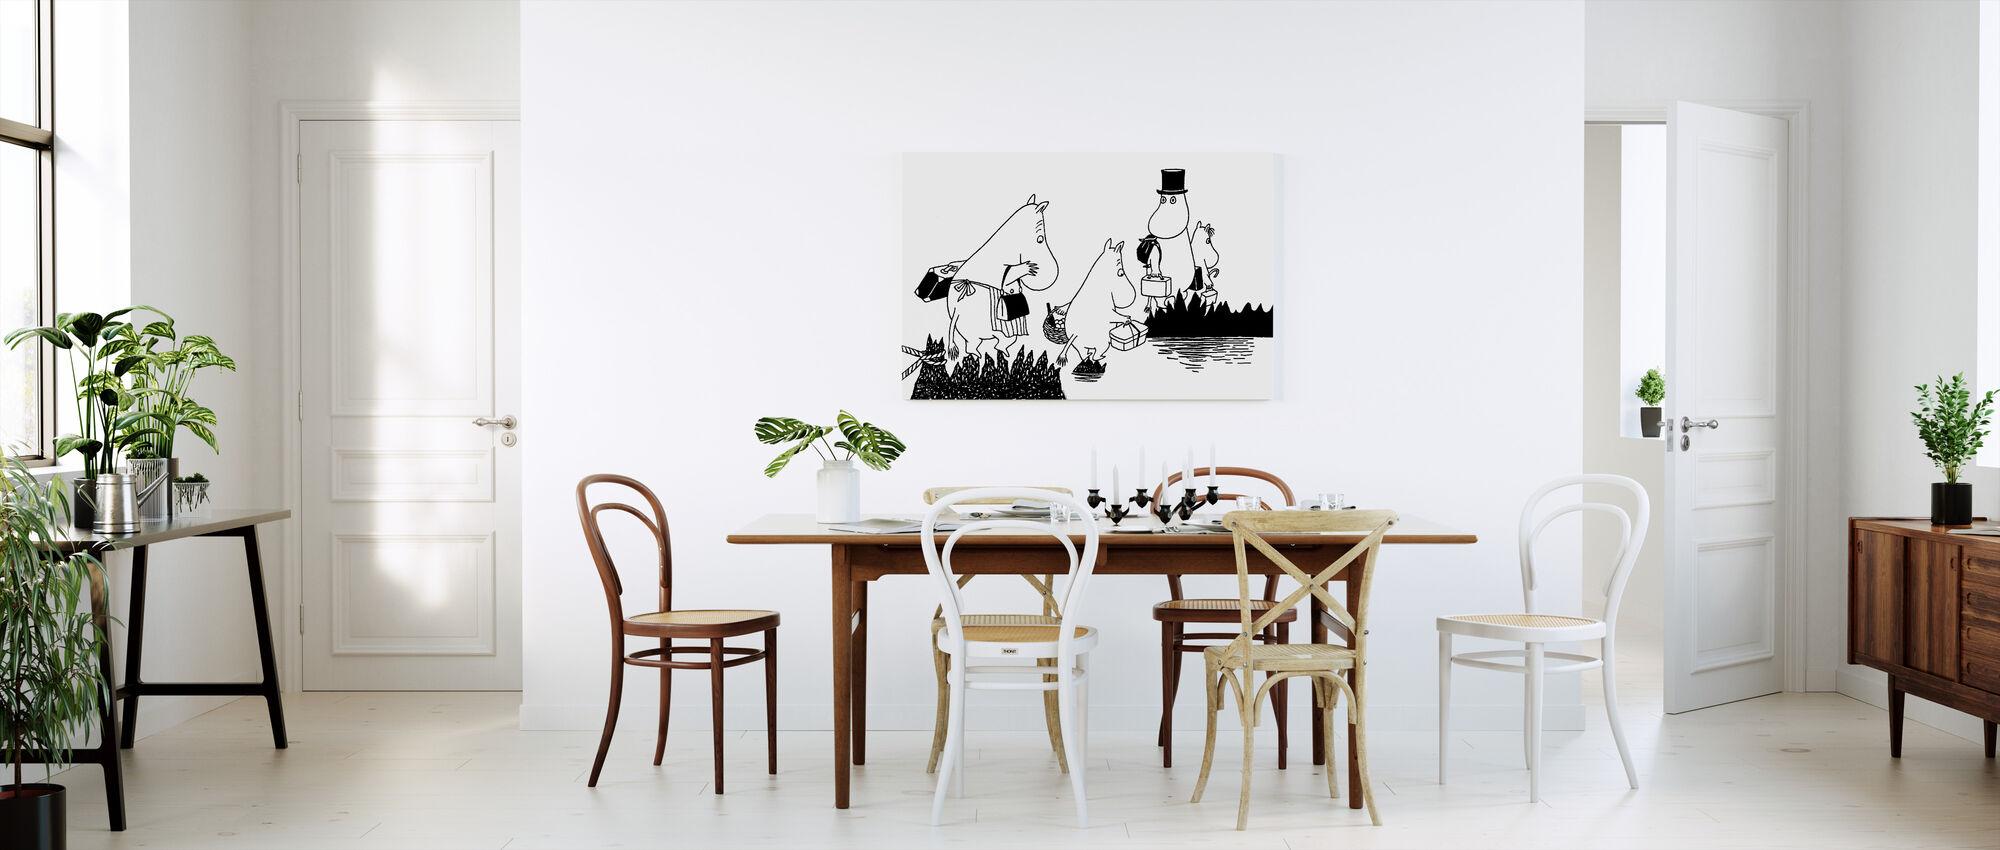 Muumi-perhe - Canvastaulu - Keittiö